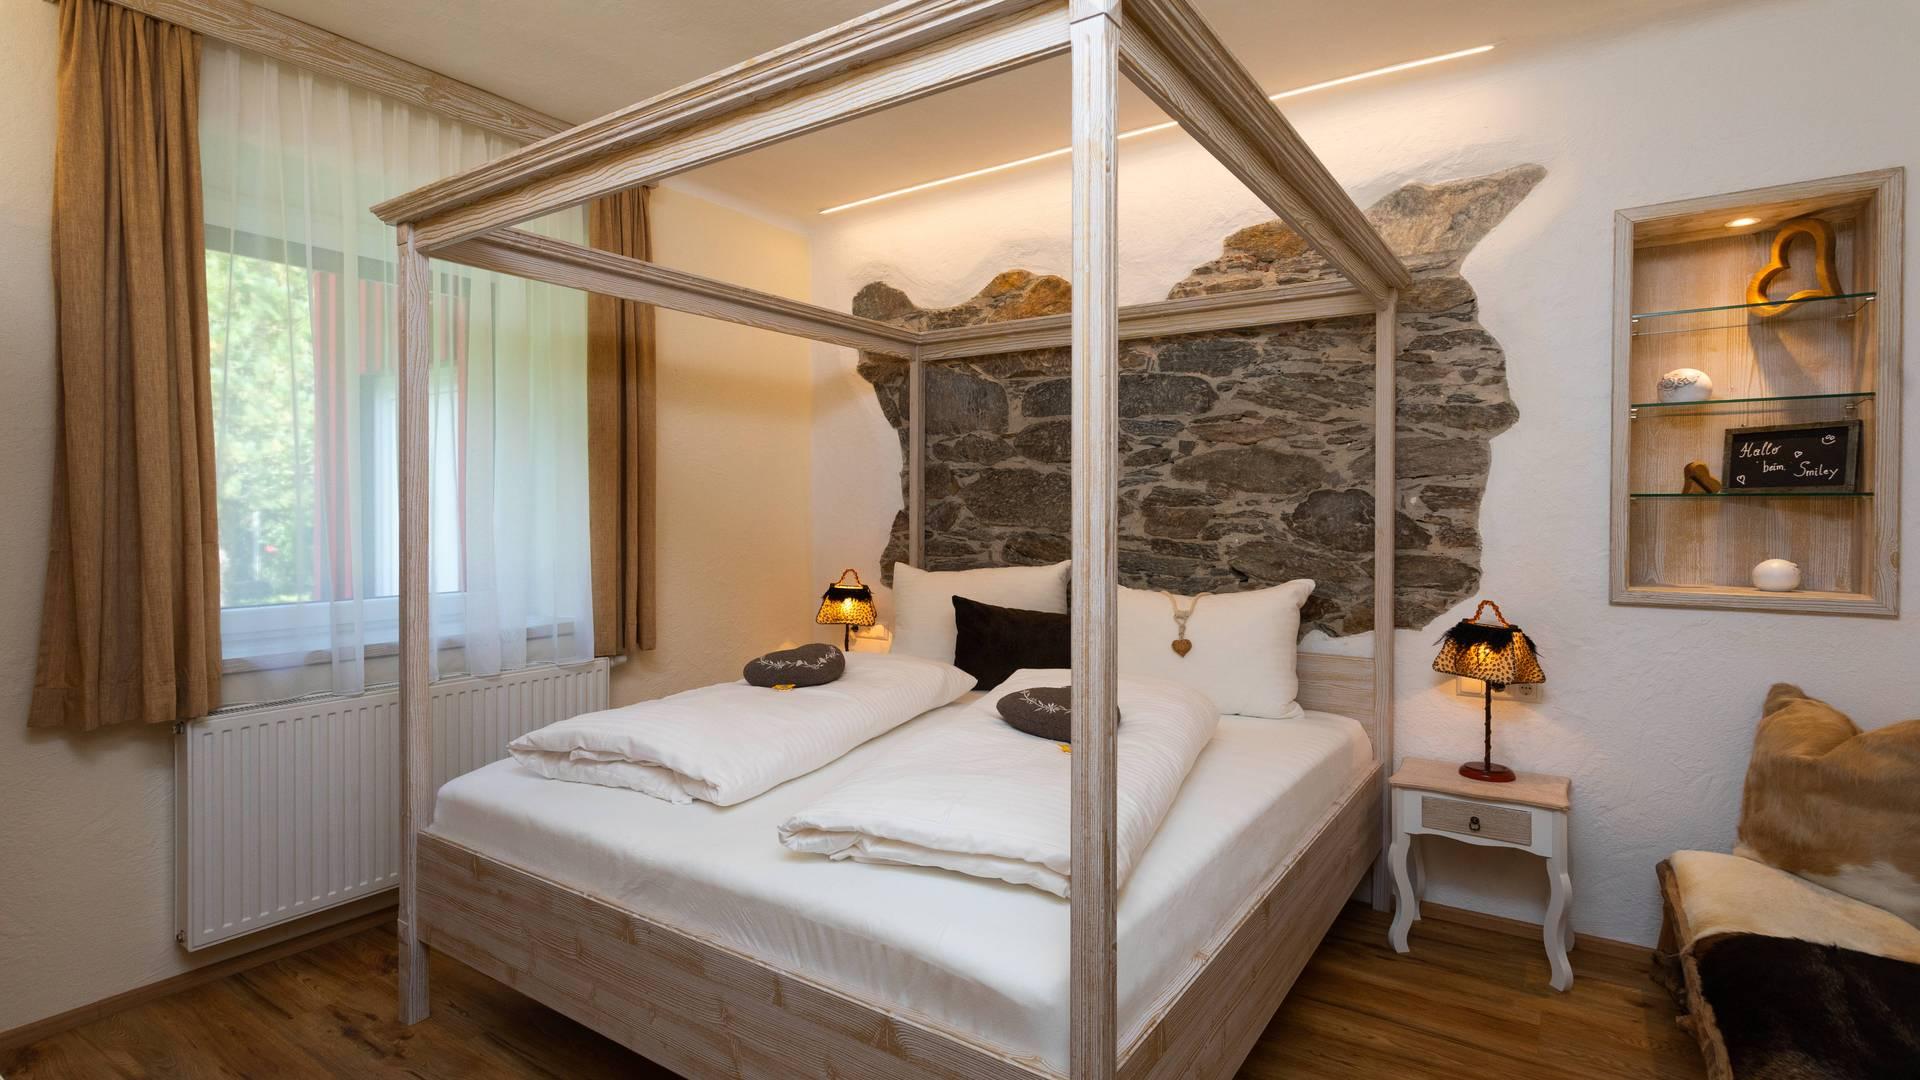 Smileyhotel in Trebesing Schlafbereich